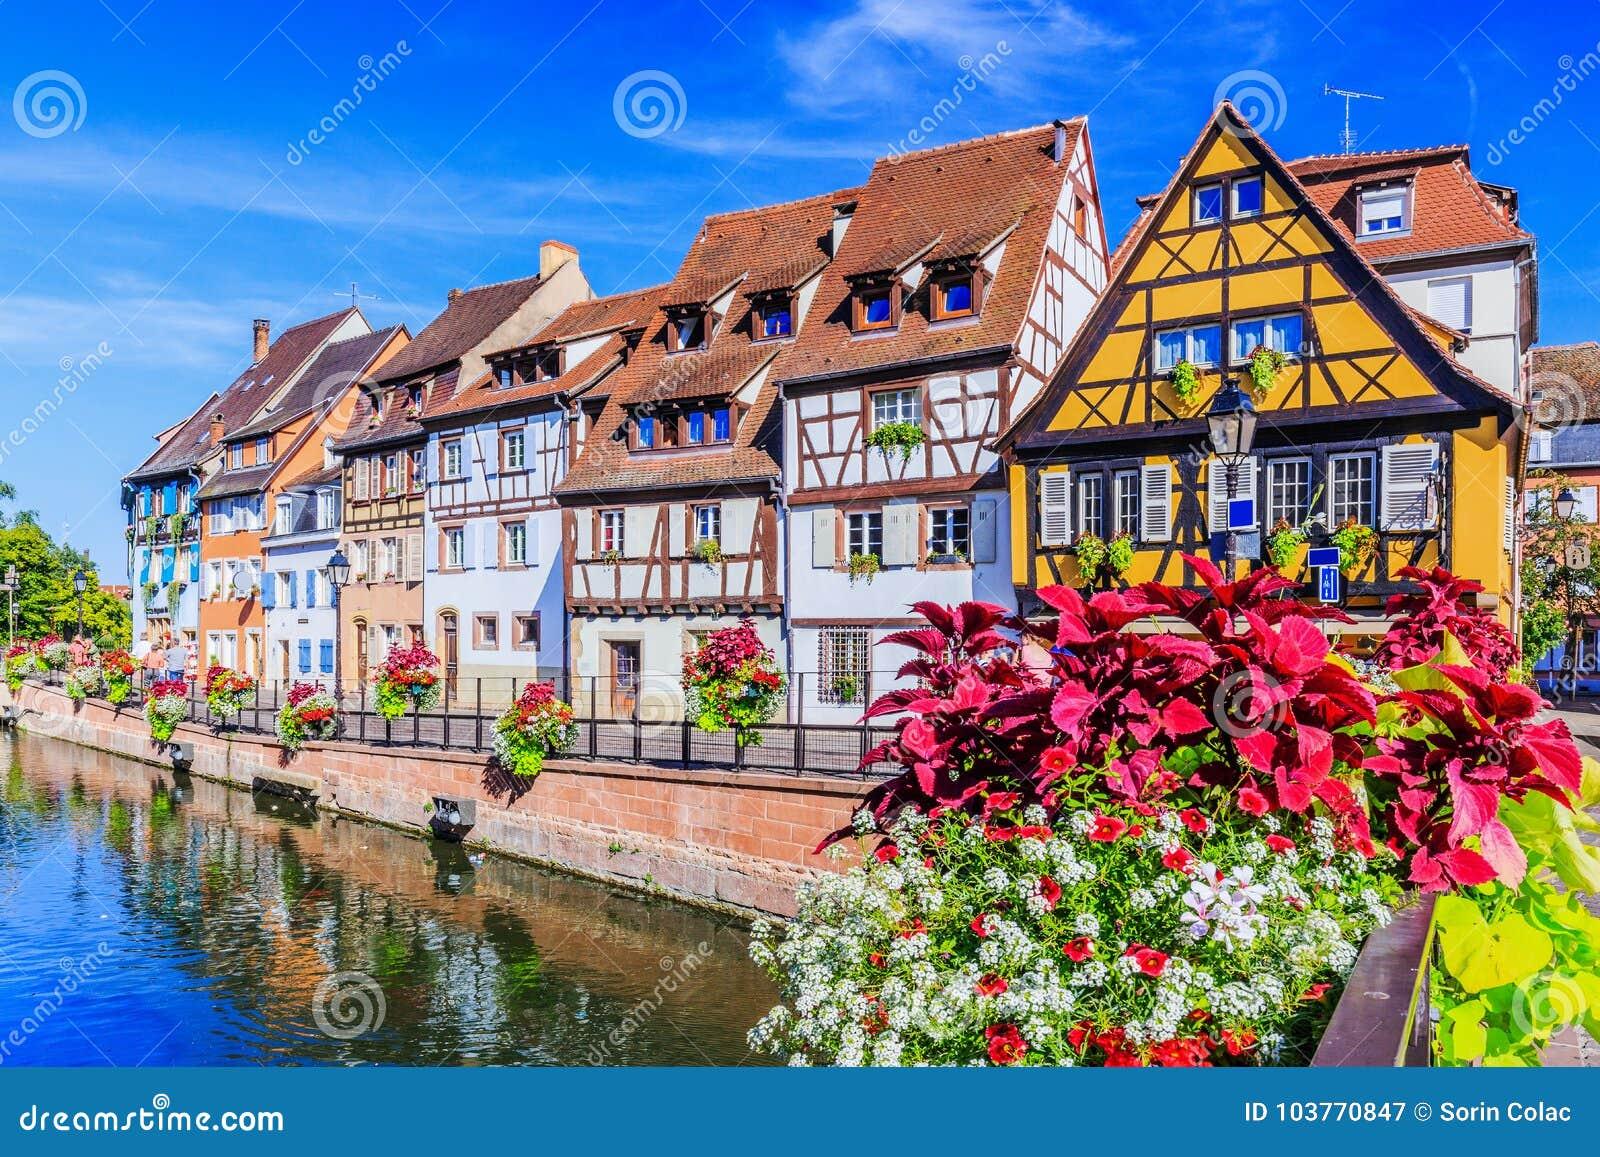 Elsass Karte Colmar.Colmar Alsace France Stock Image Image Of Evening 103770847